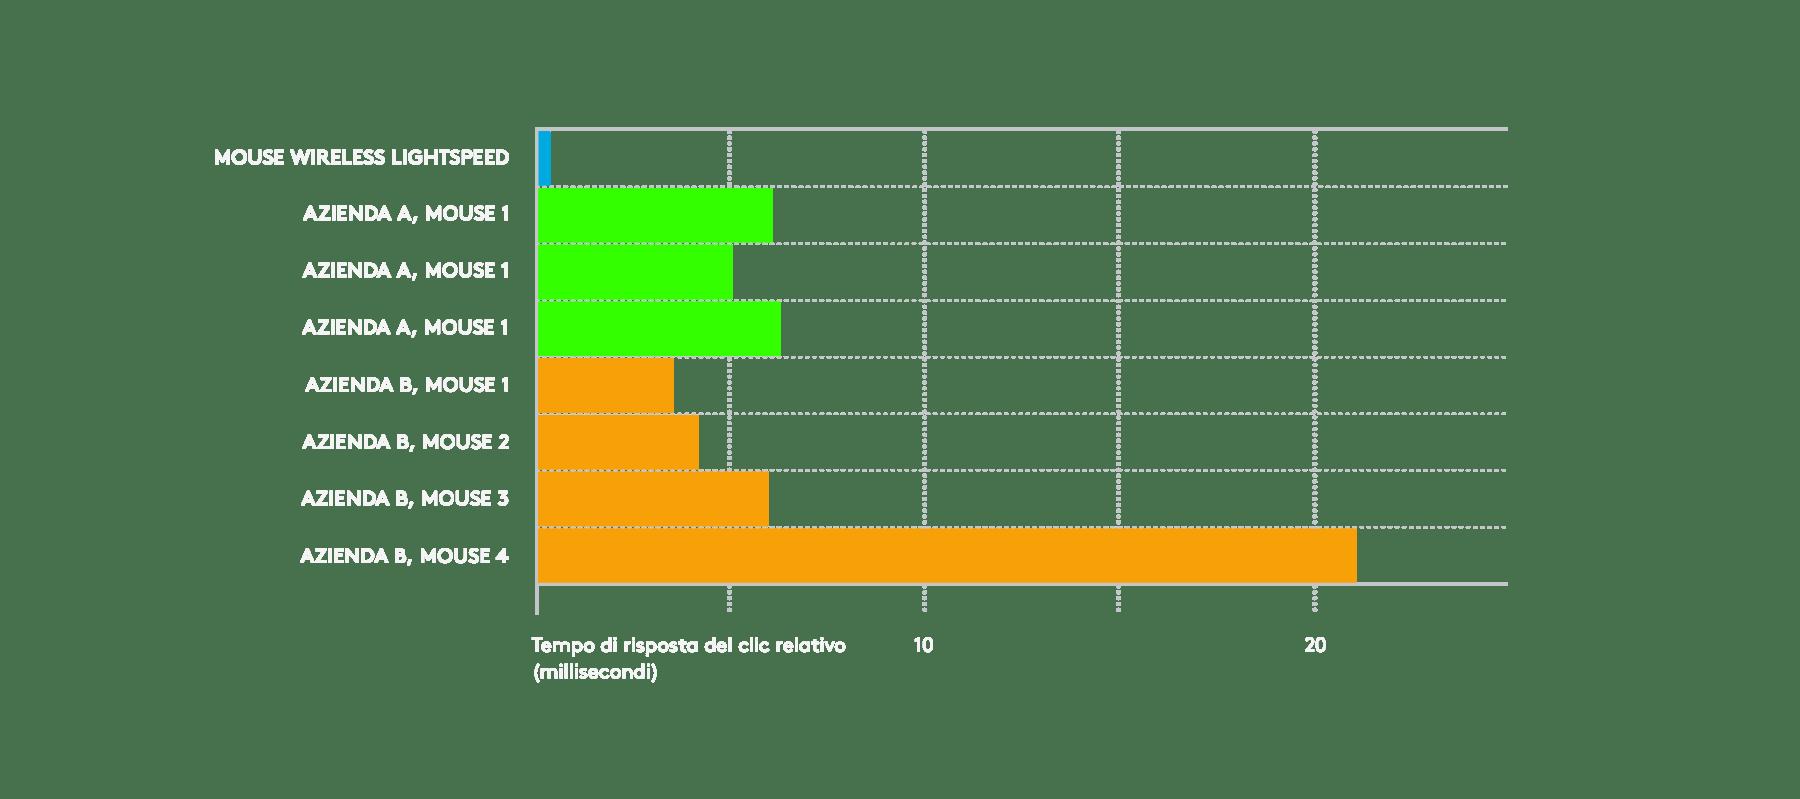 Grafico che mostra come la tecnologia wireless LIGHTSPEED è più veloce della concorrenza